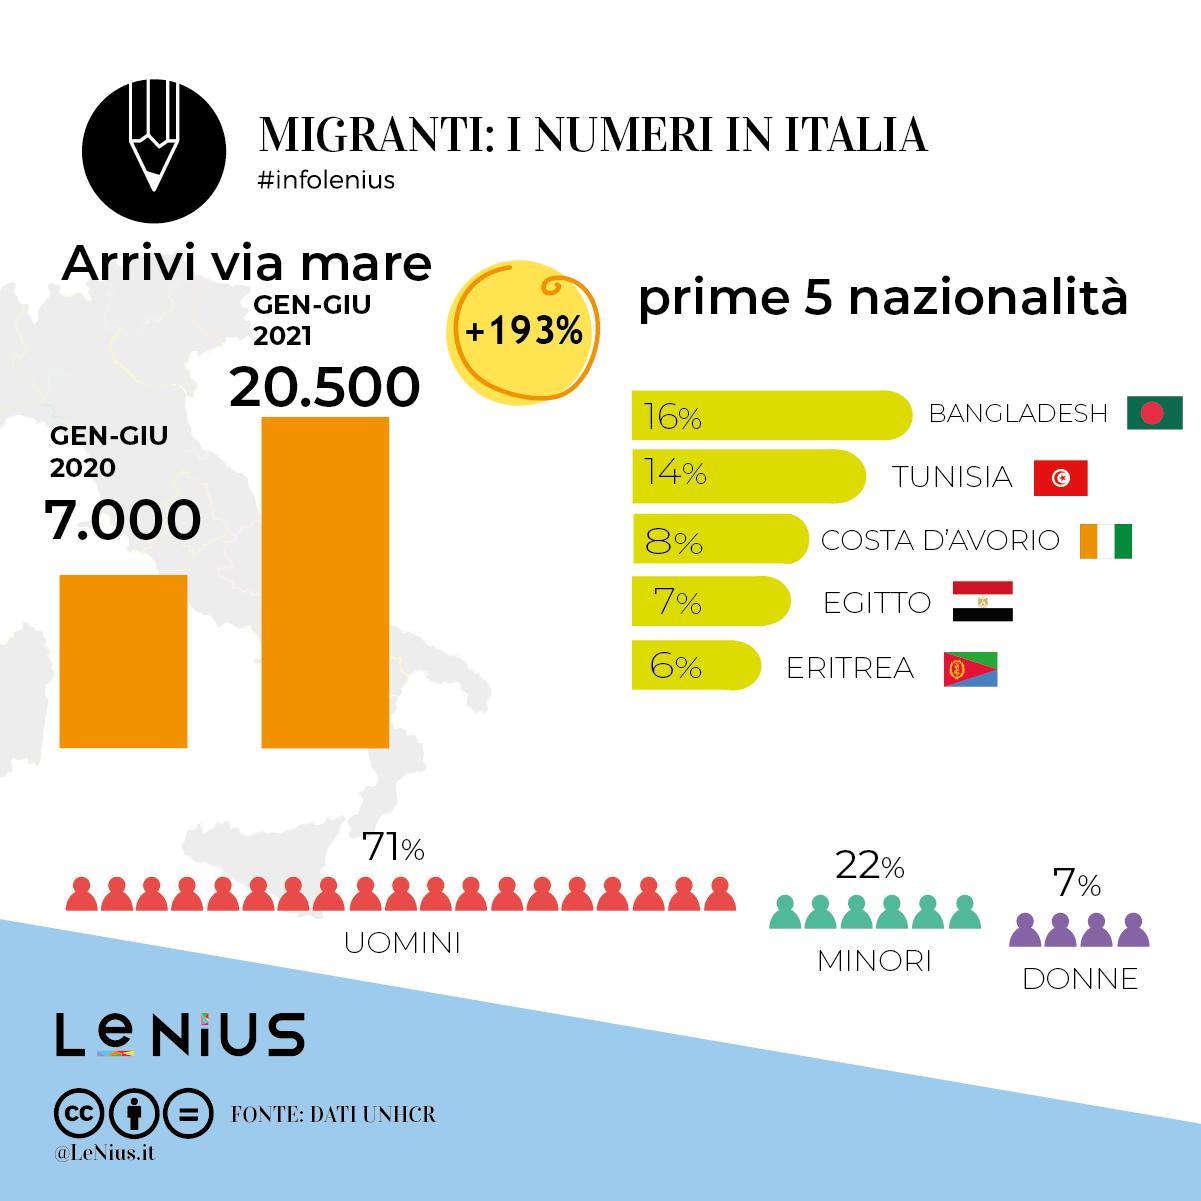 arrivi italia giugno 2021